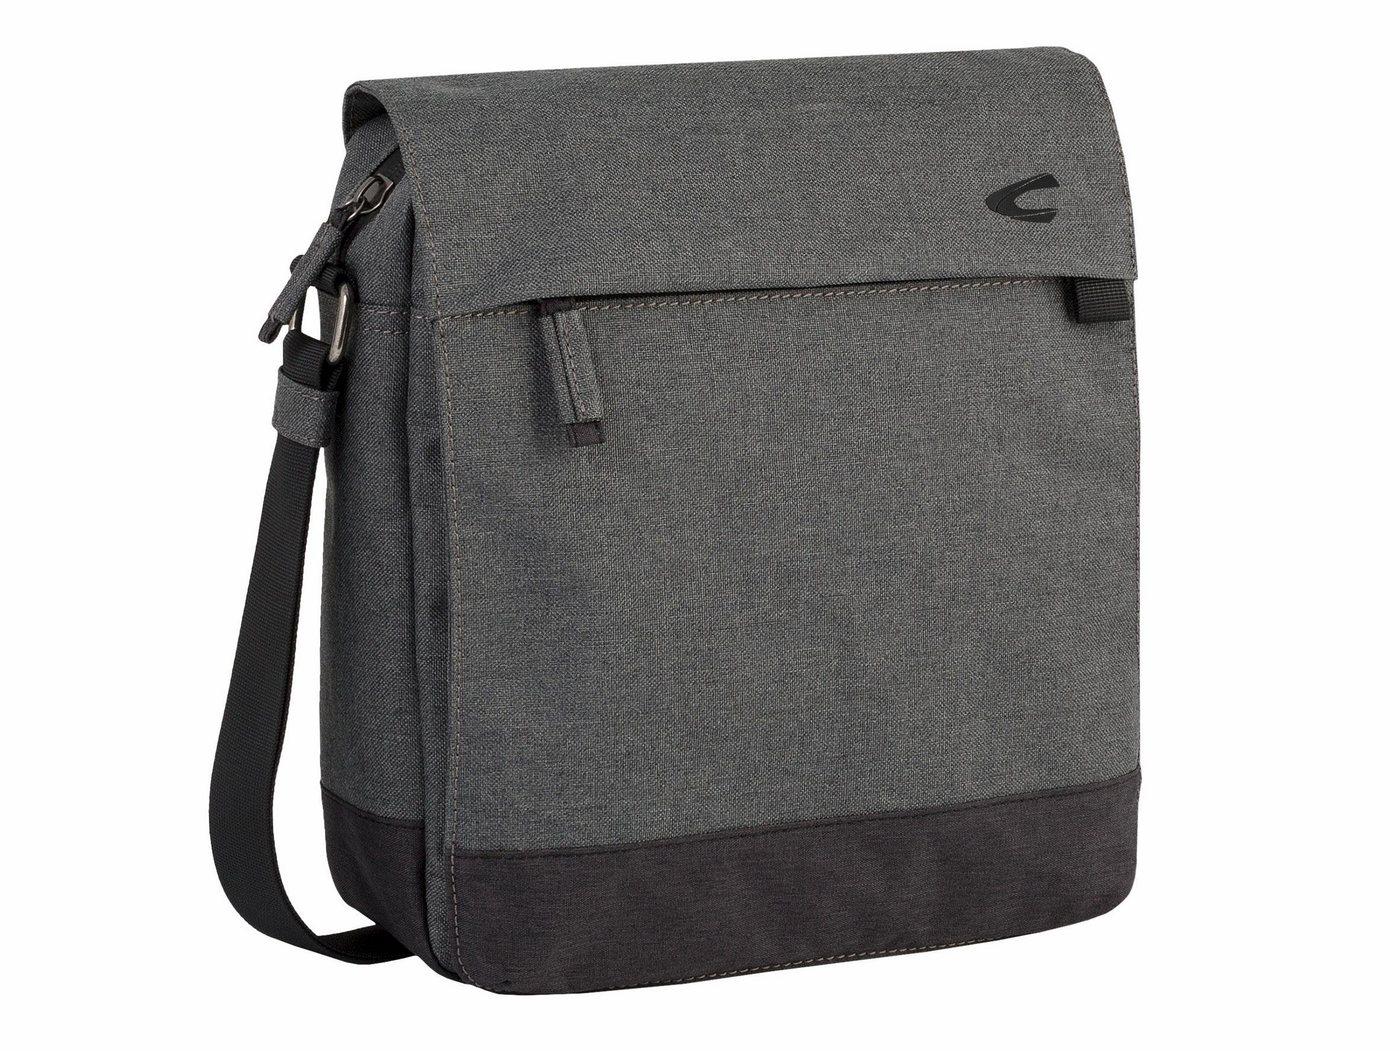 Herren camel active Umhängetasche HONG KONG  Crossbody-Bag mit gepolstertem Laptop-Fach grau | 04251234420577